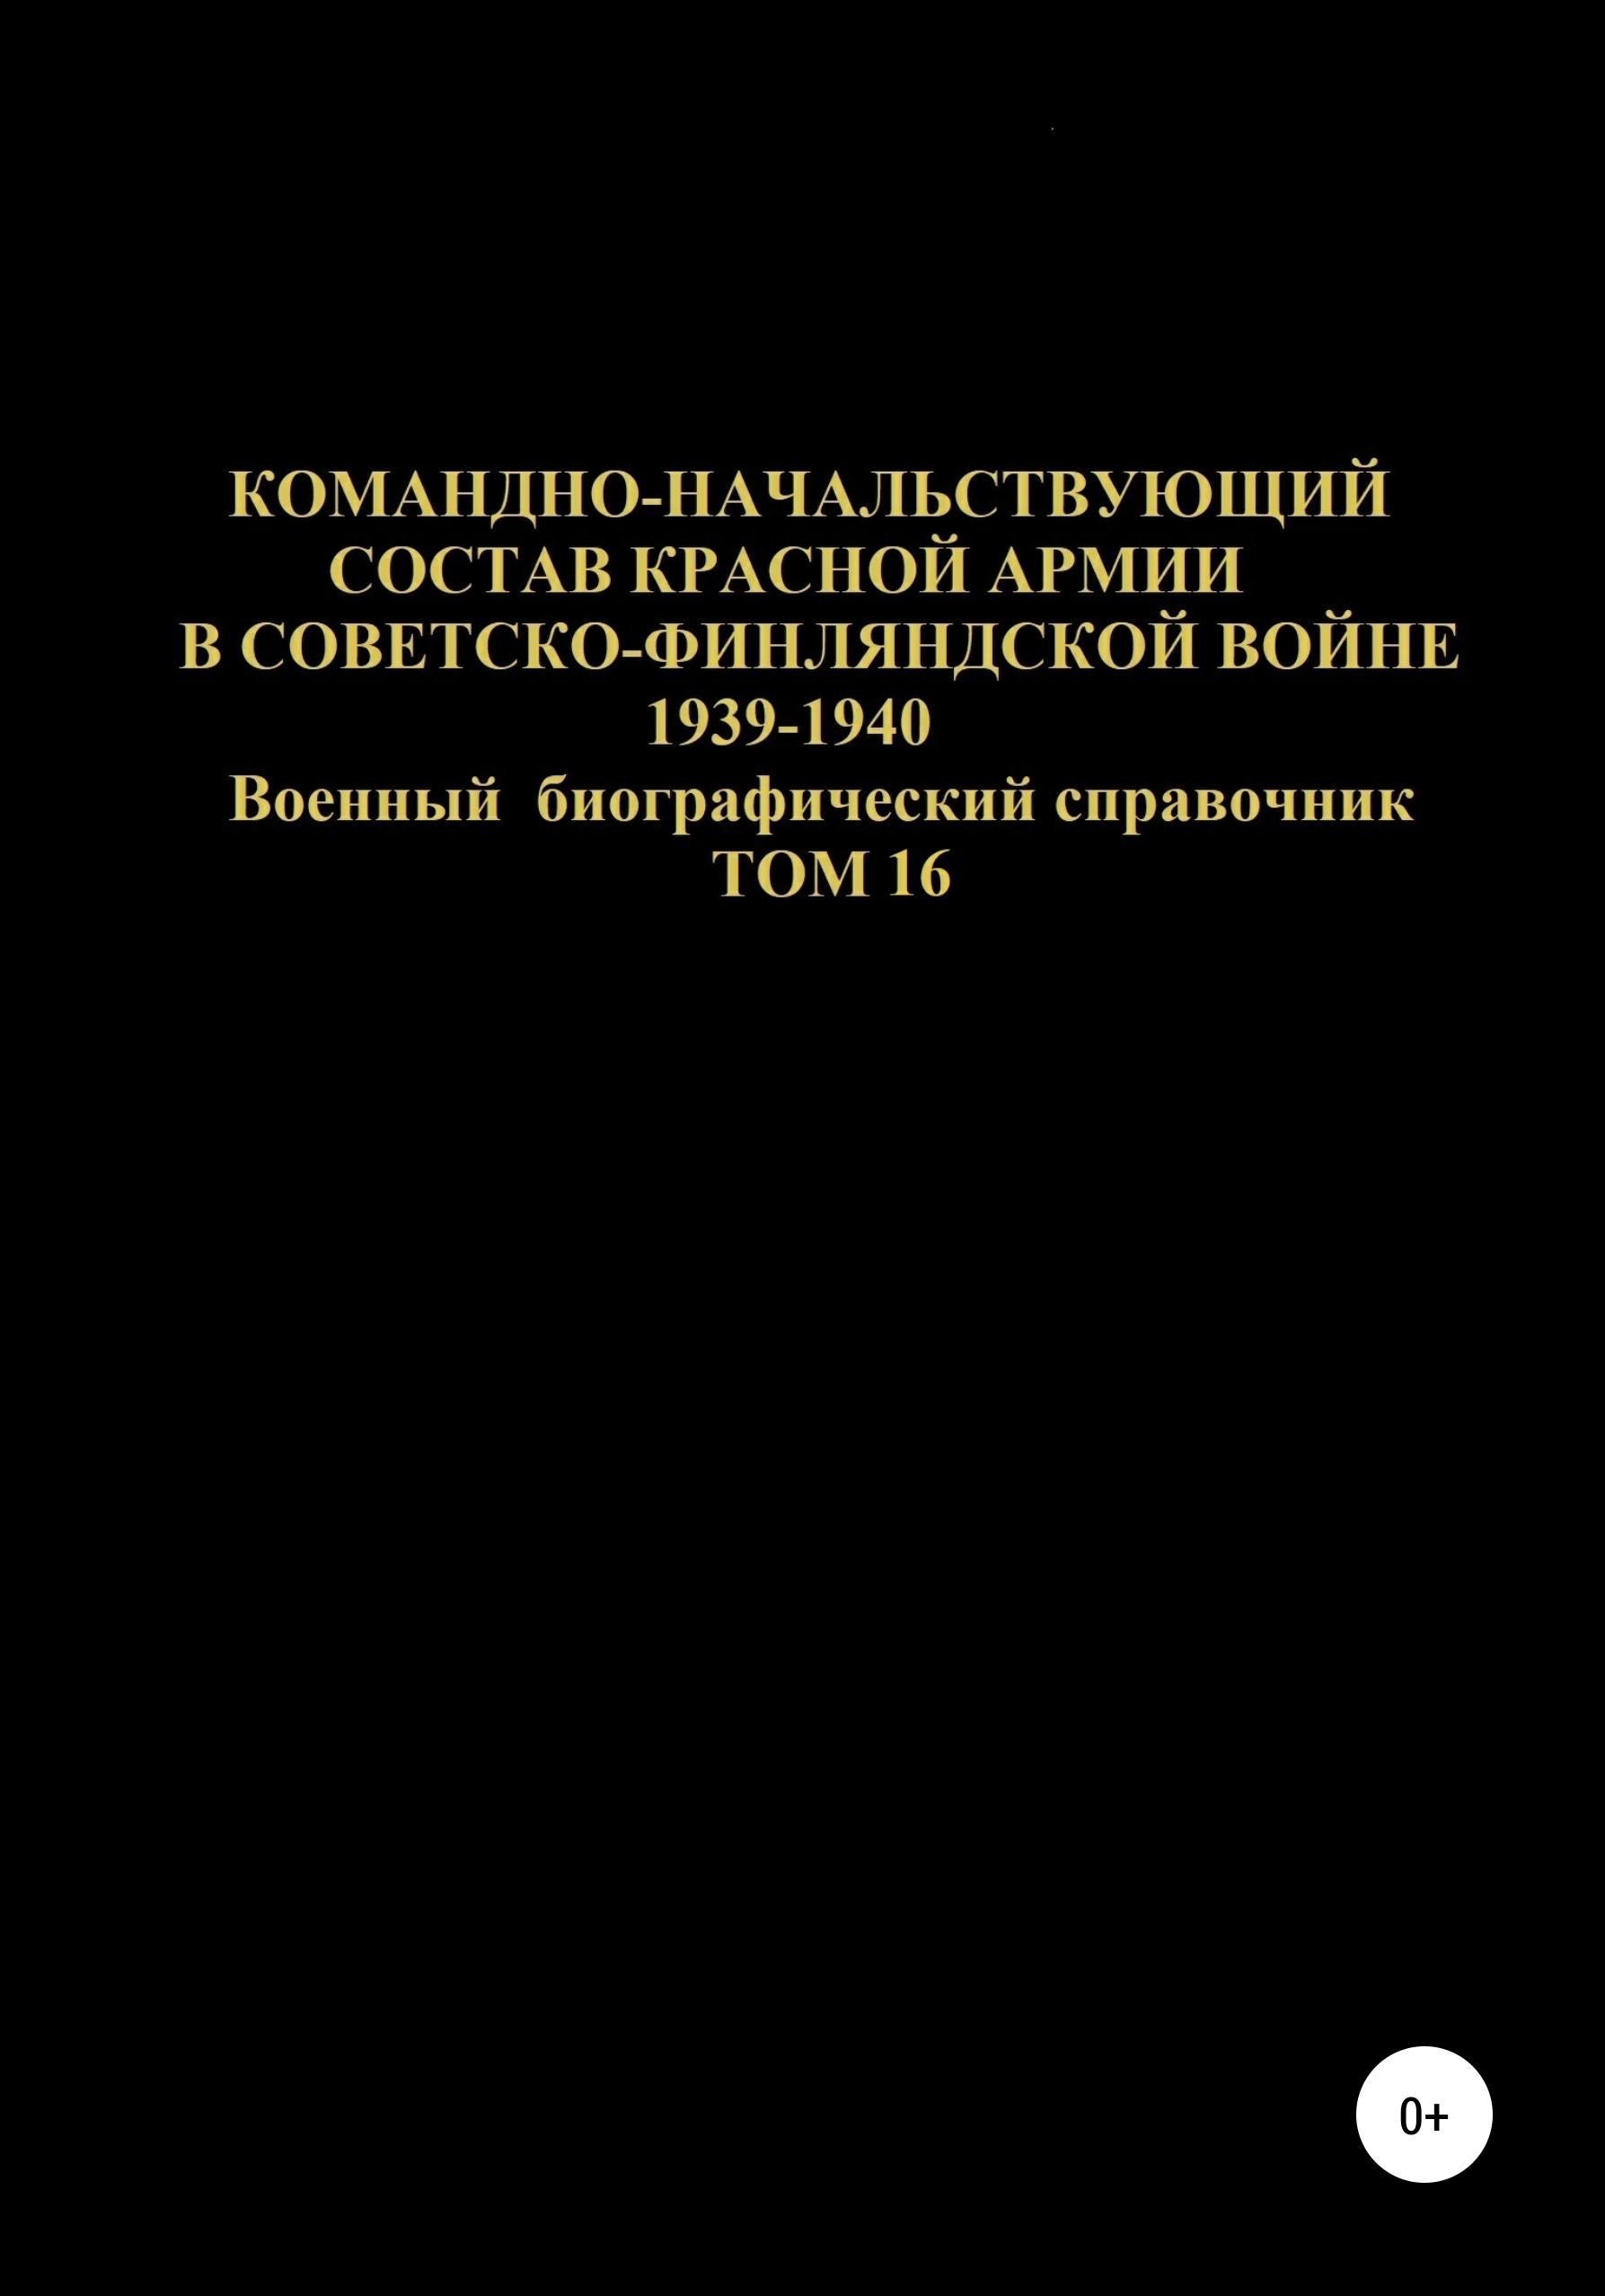 Купить книгу Командно-начальствующий состав Красной Армии в Советско-Финляндской войне 1939-1940 гг. Том 16, автора Дениса Юрьевича Соловьева